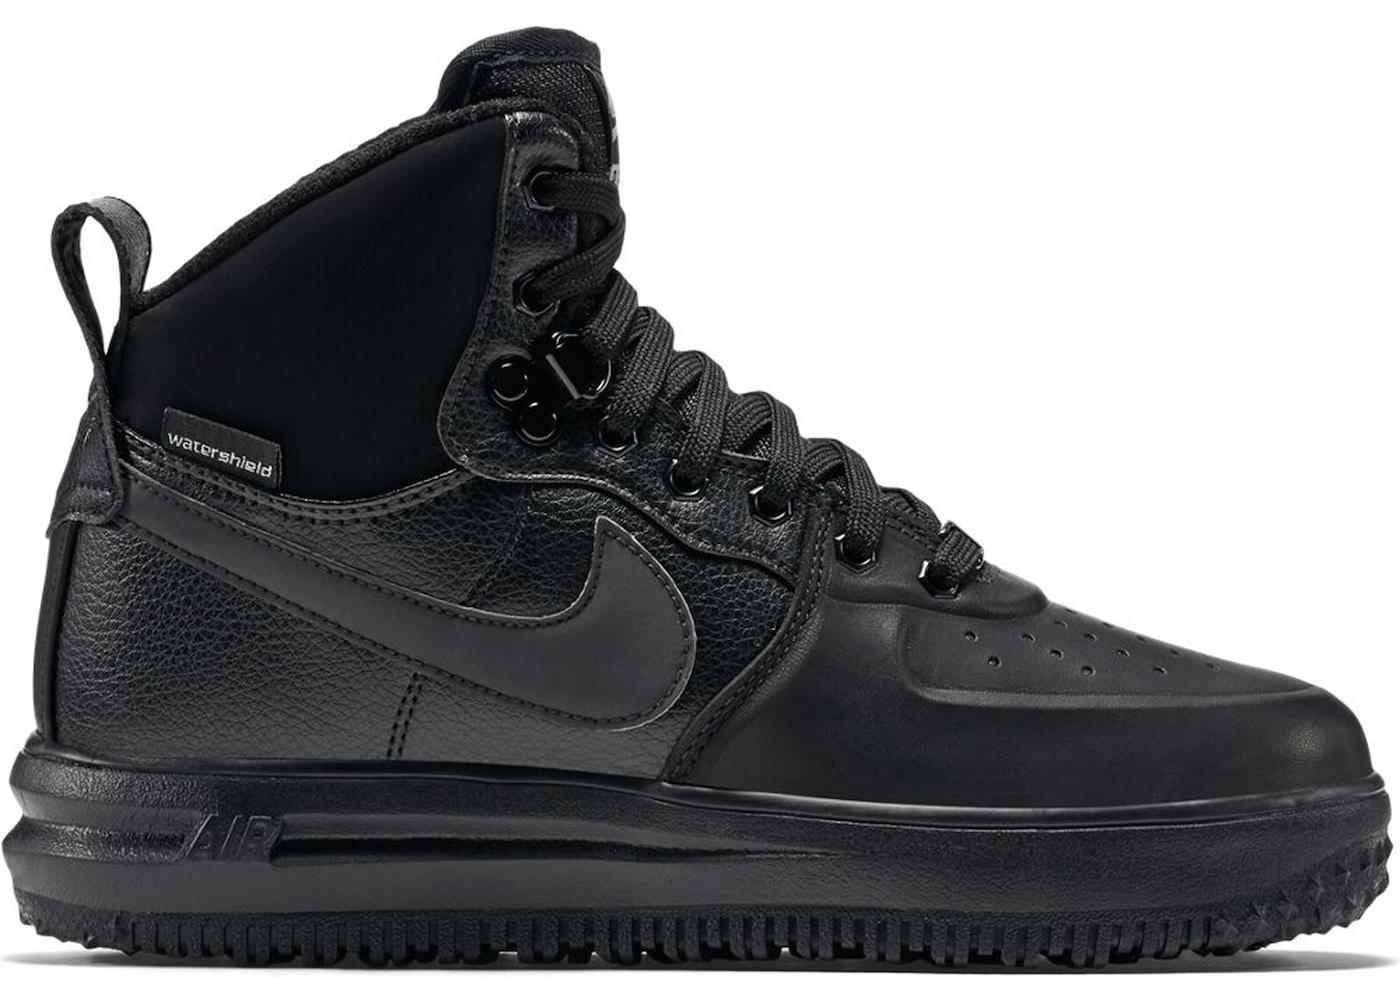 b428959b04d nike lunar force 1 sneakerboot sale